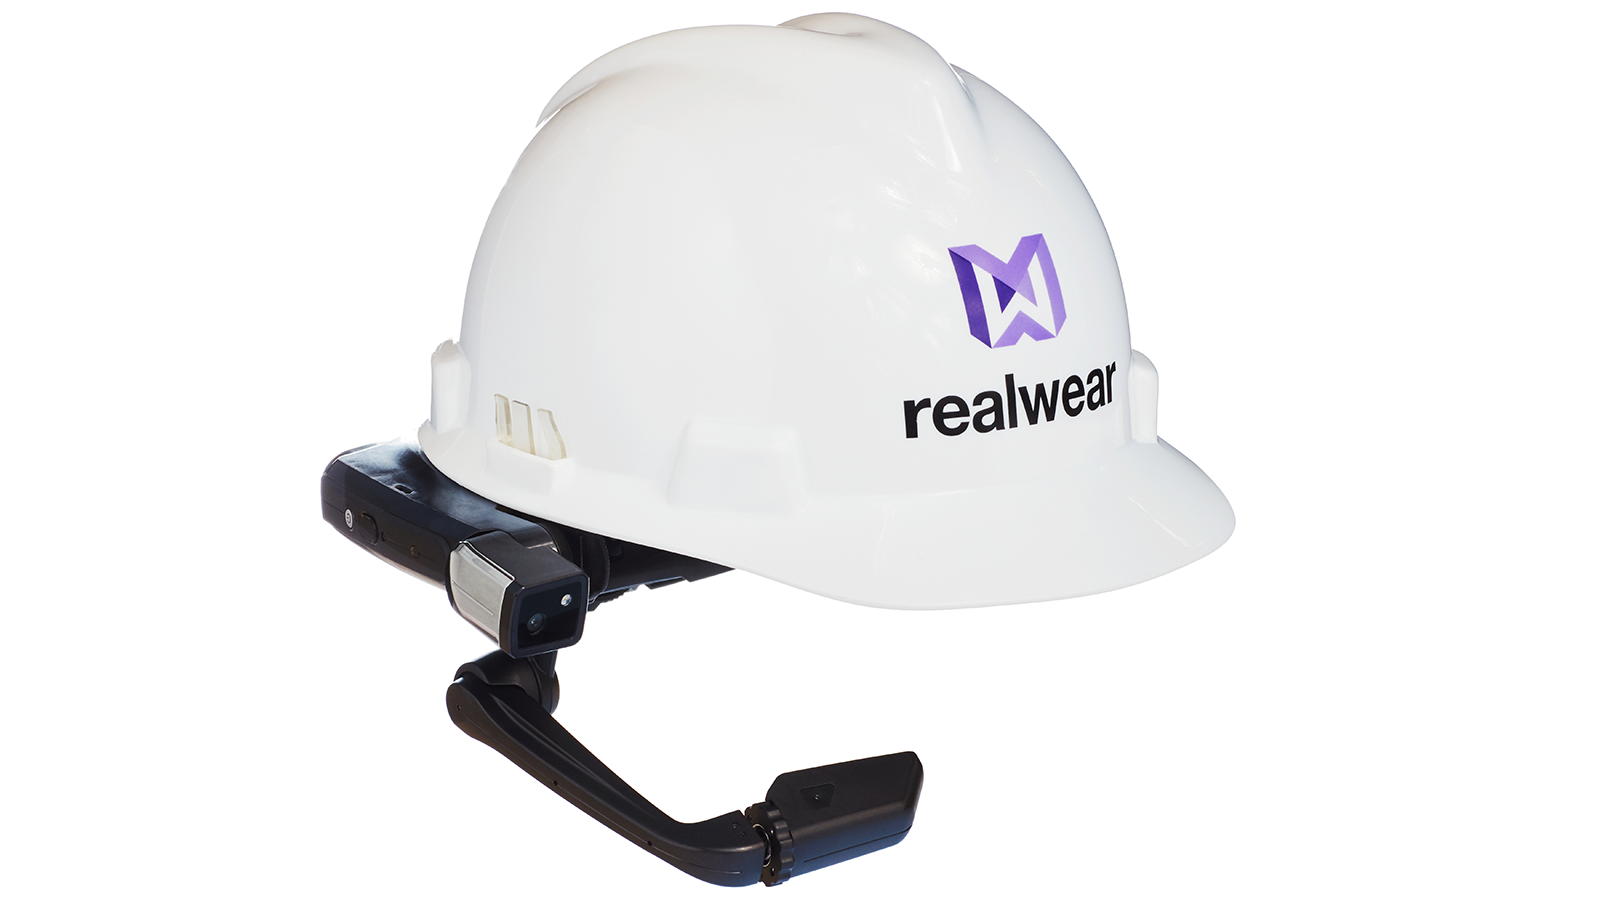 Image of a RealWear helmet.